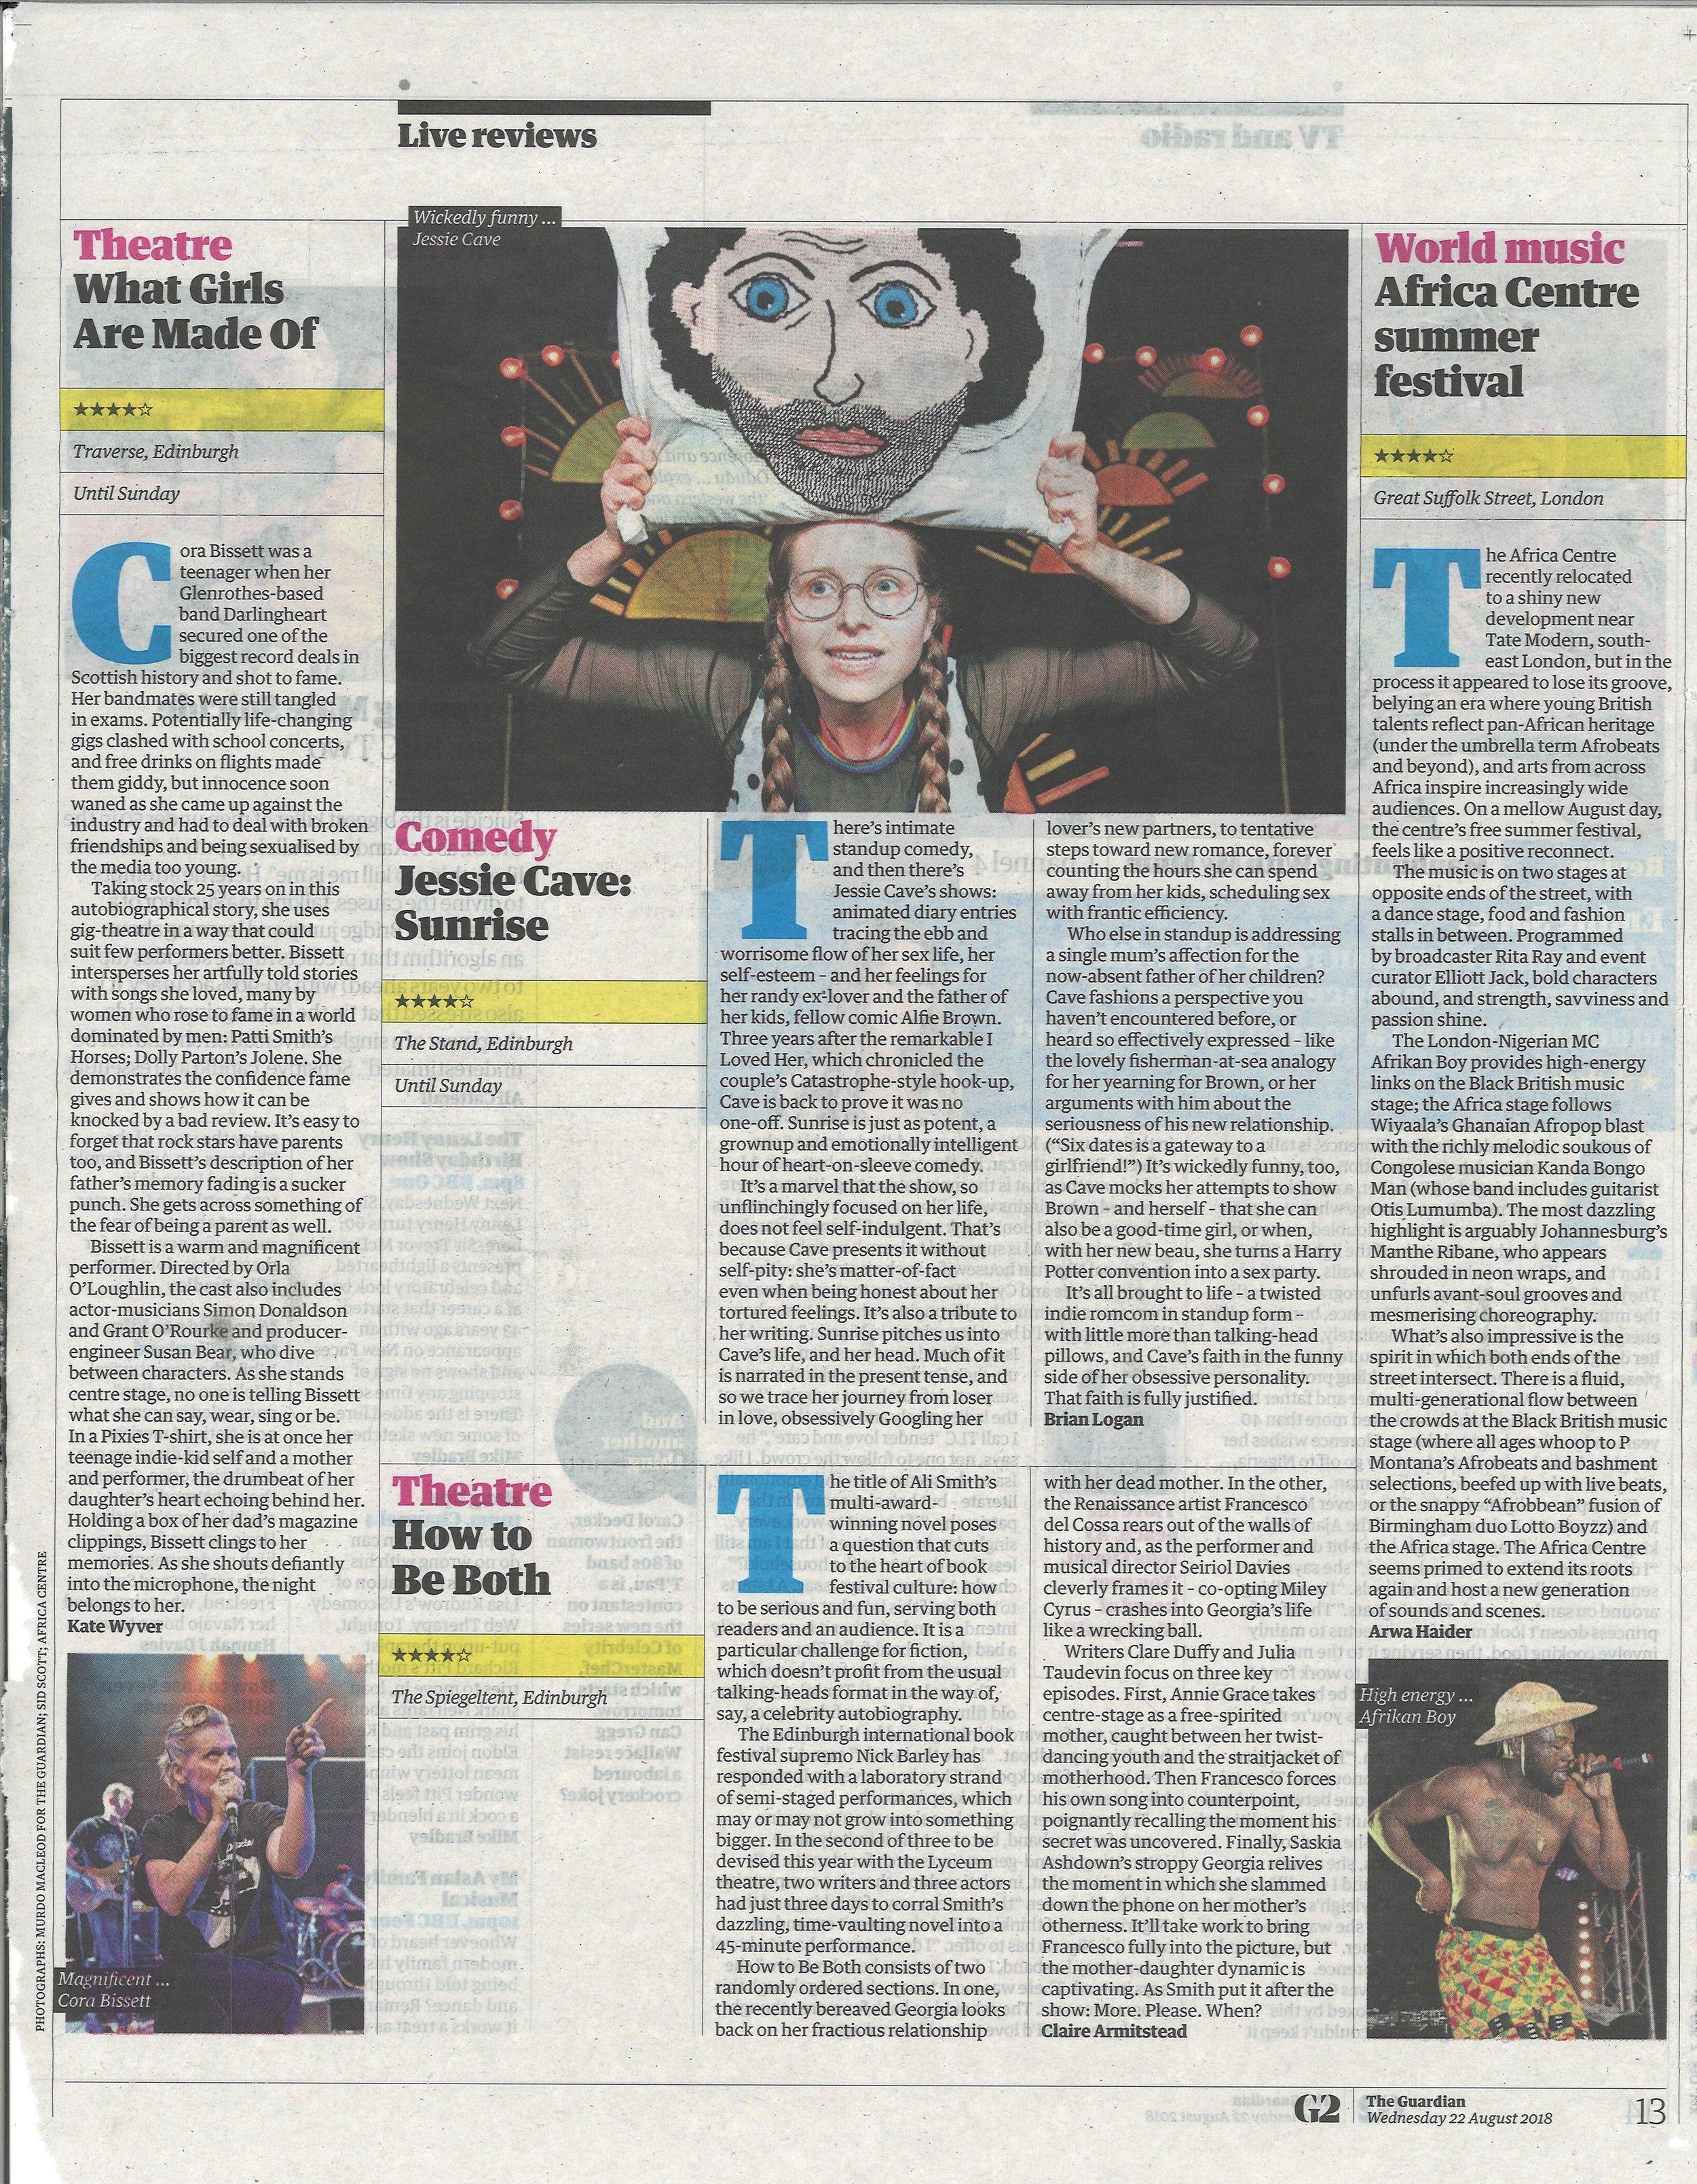 180822 Guardian Review.jpg